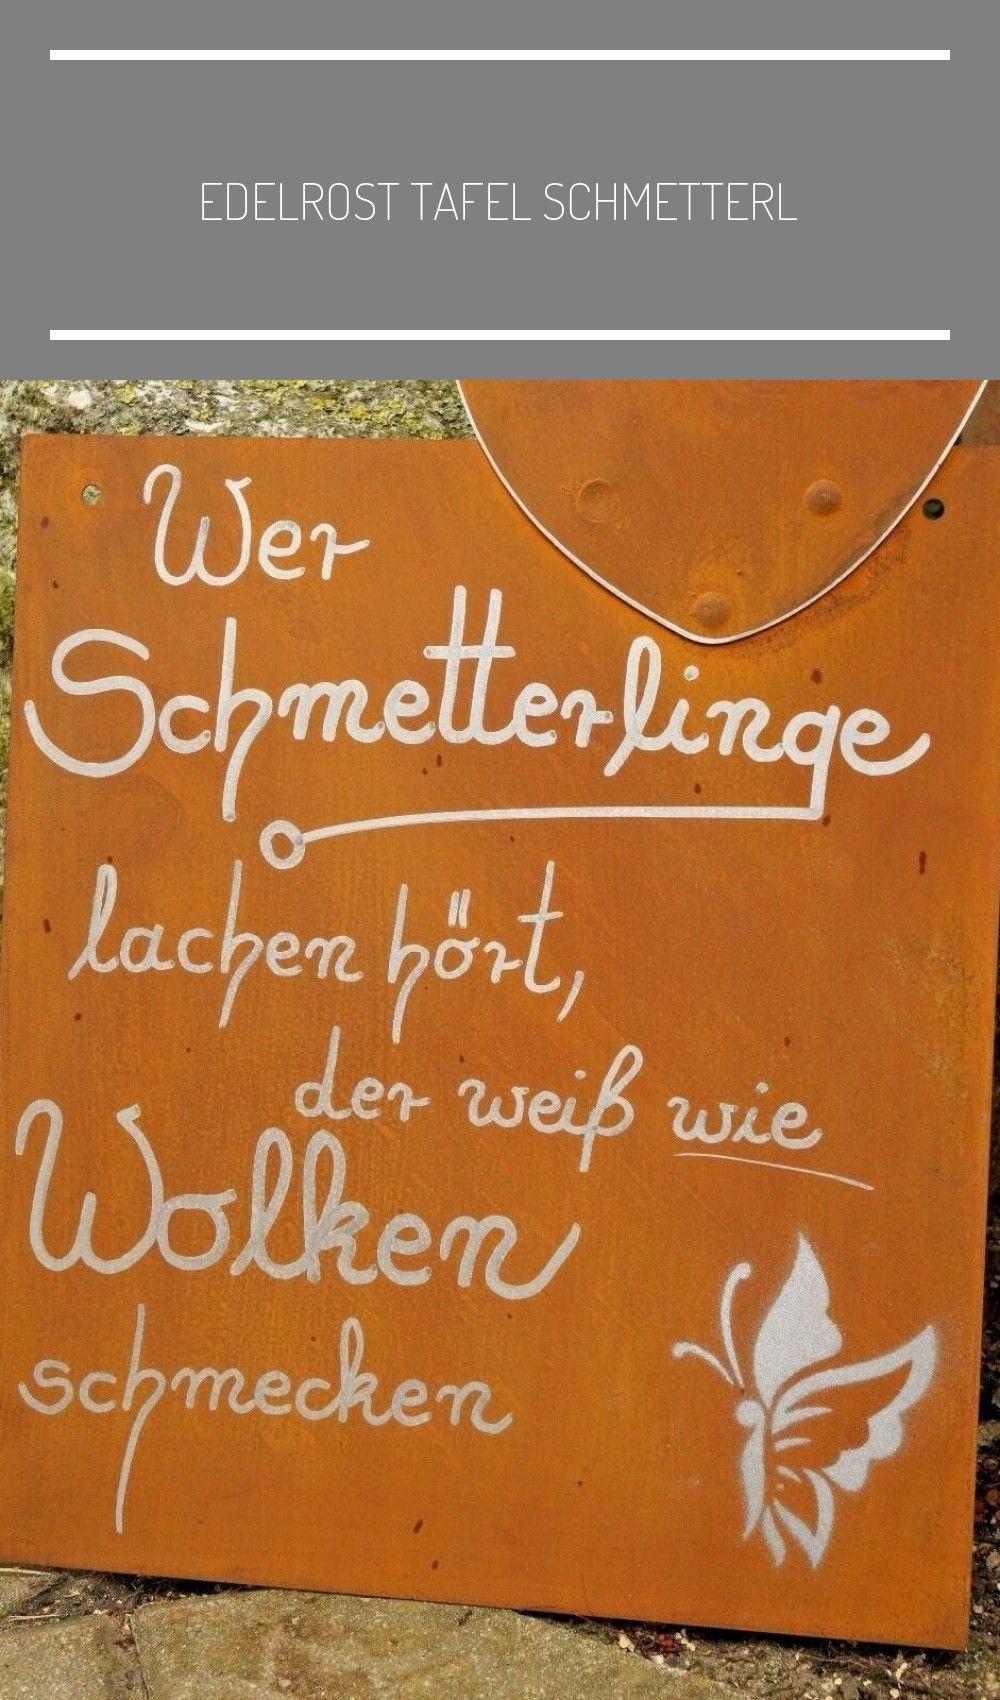 Account Suspended In 2020 Spruch Schmetterling Spruche Garten Edelrost